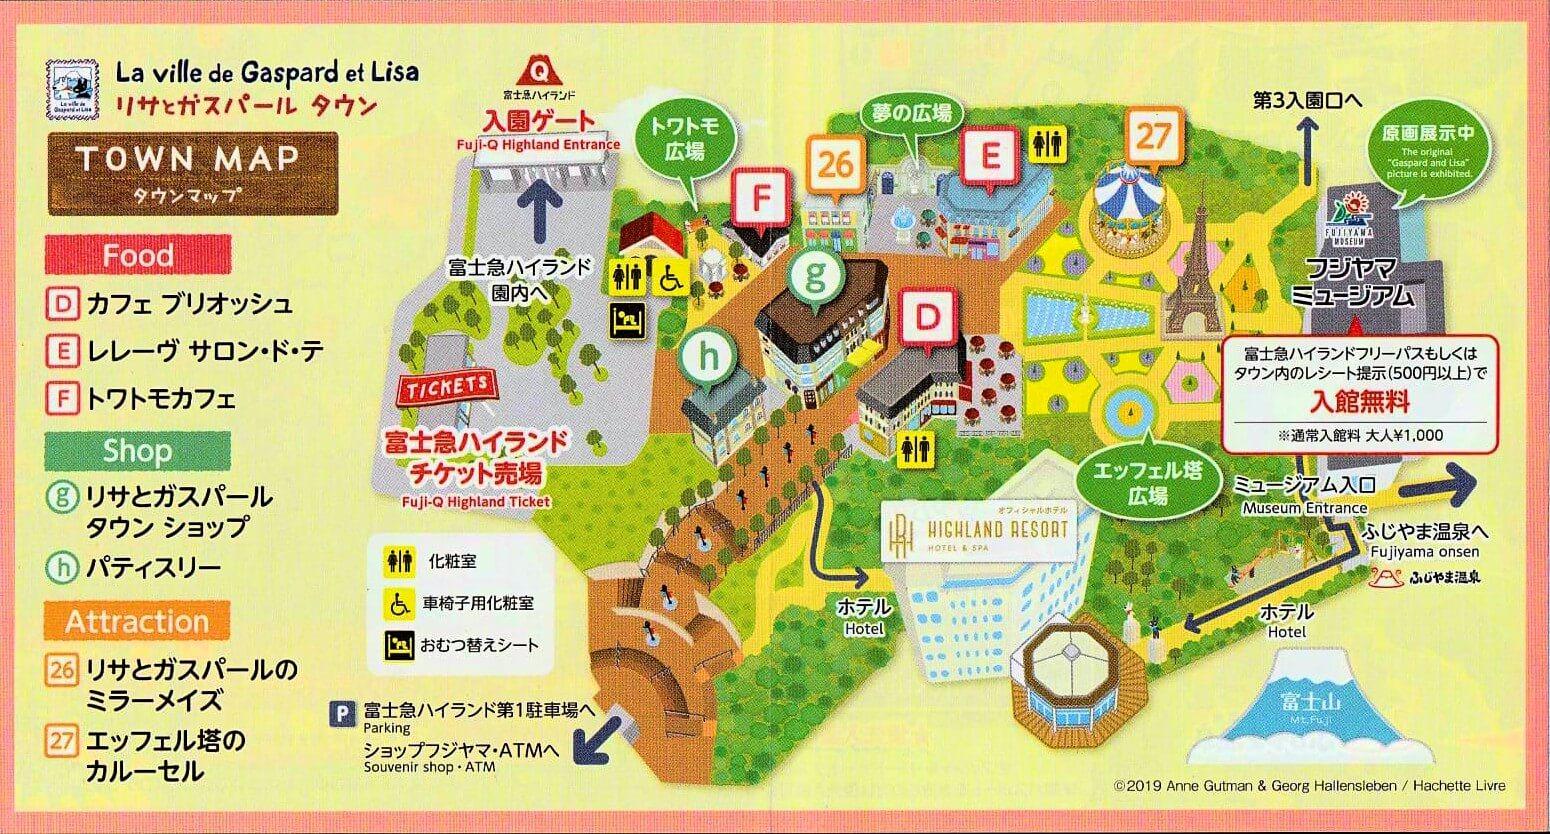 リサとガスパールタウンのマップ